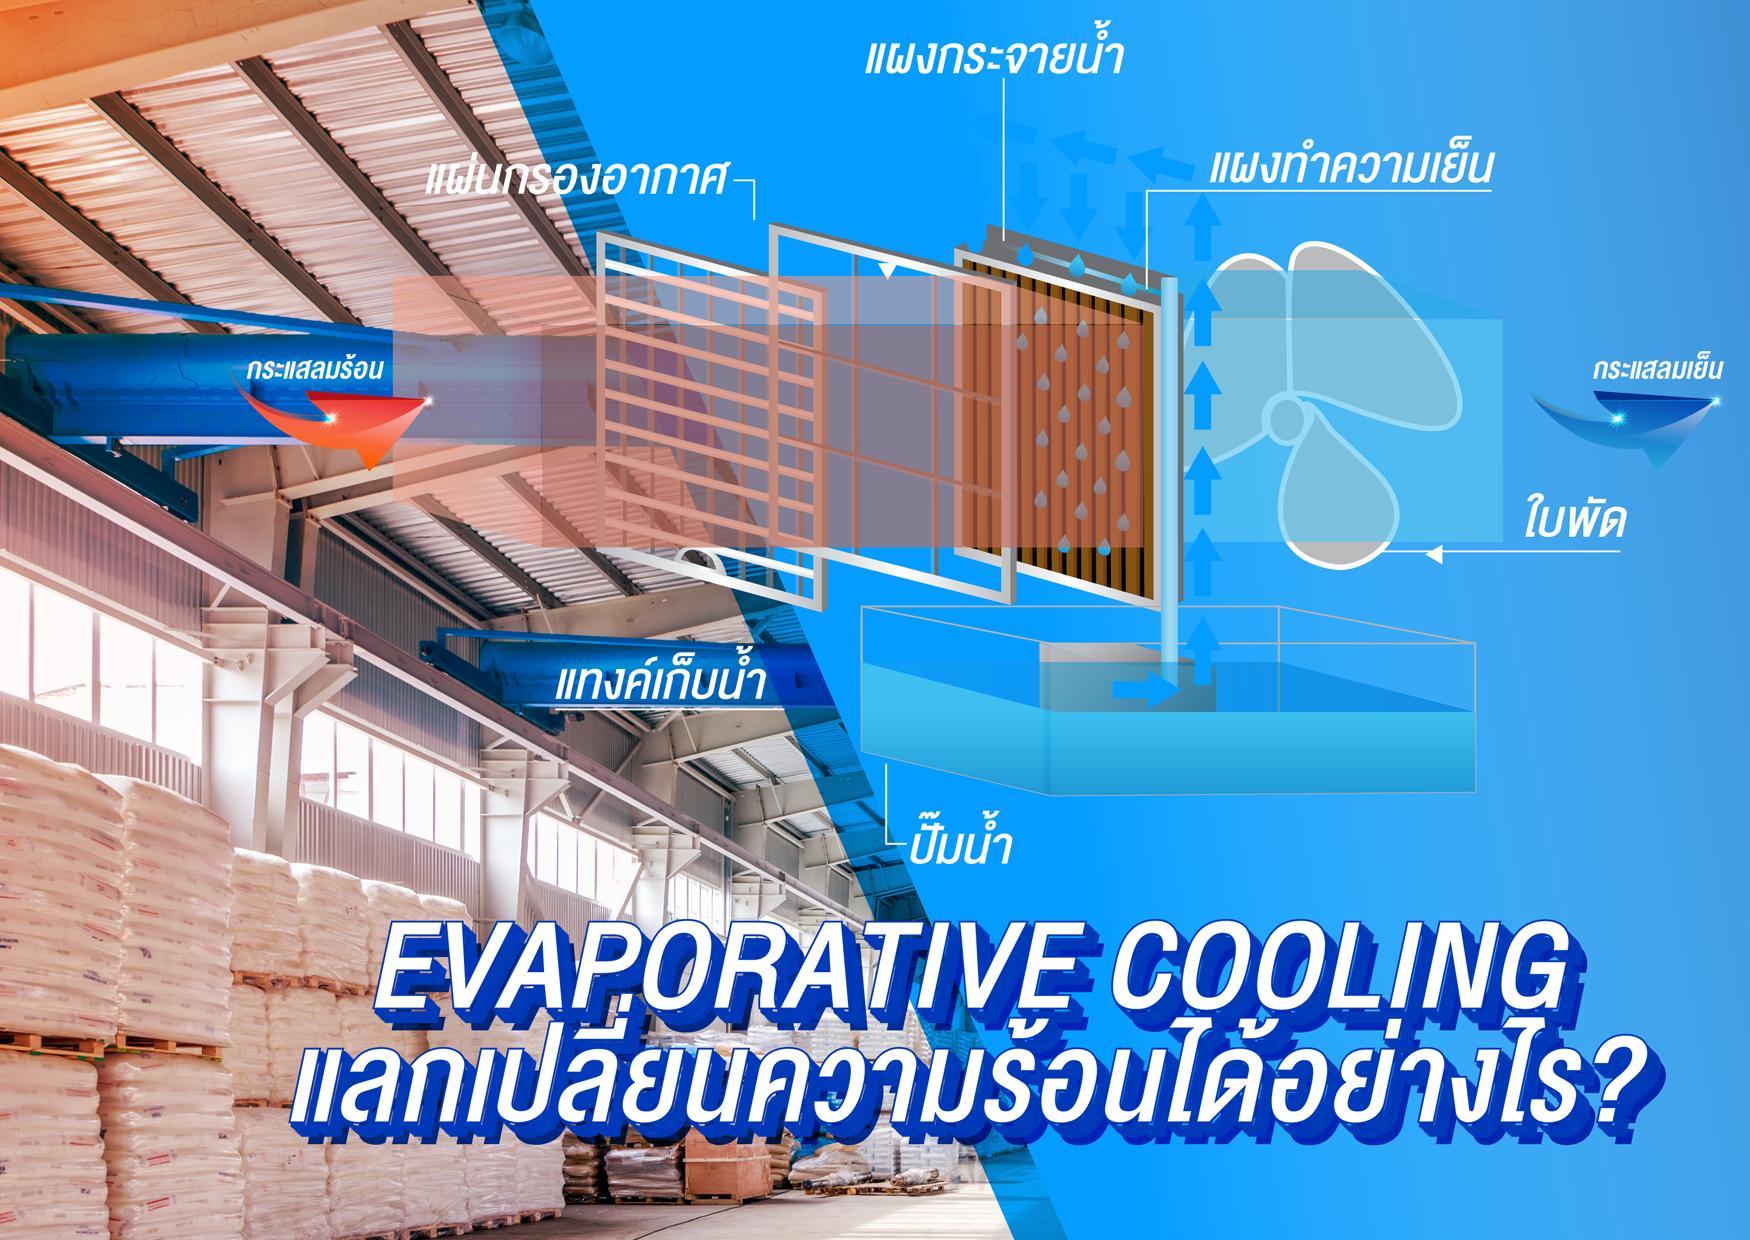 EVAPORATIVE COOLING แลกเปลี่ยนความร้อนได้อย่างไร?